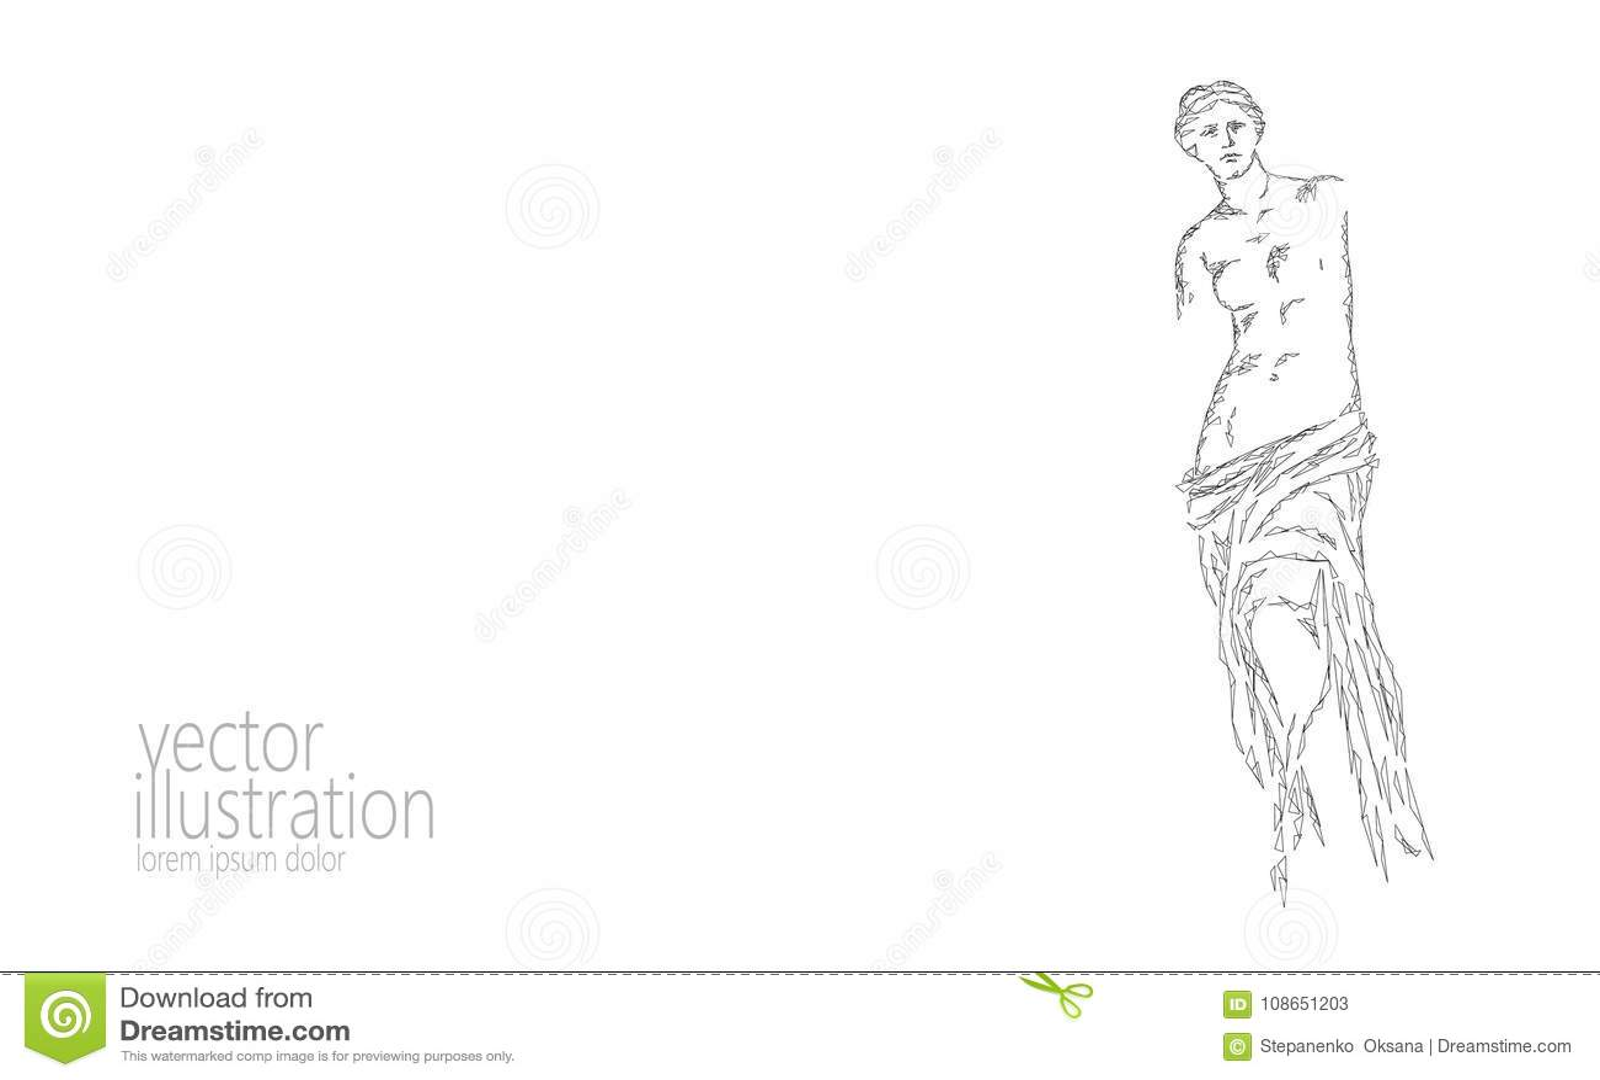 Aphrodite Of Milos Venus De Milo Ancient Greek Statue Low